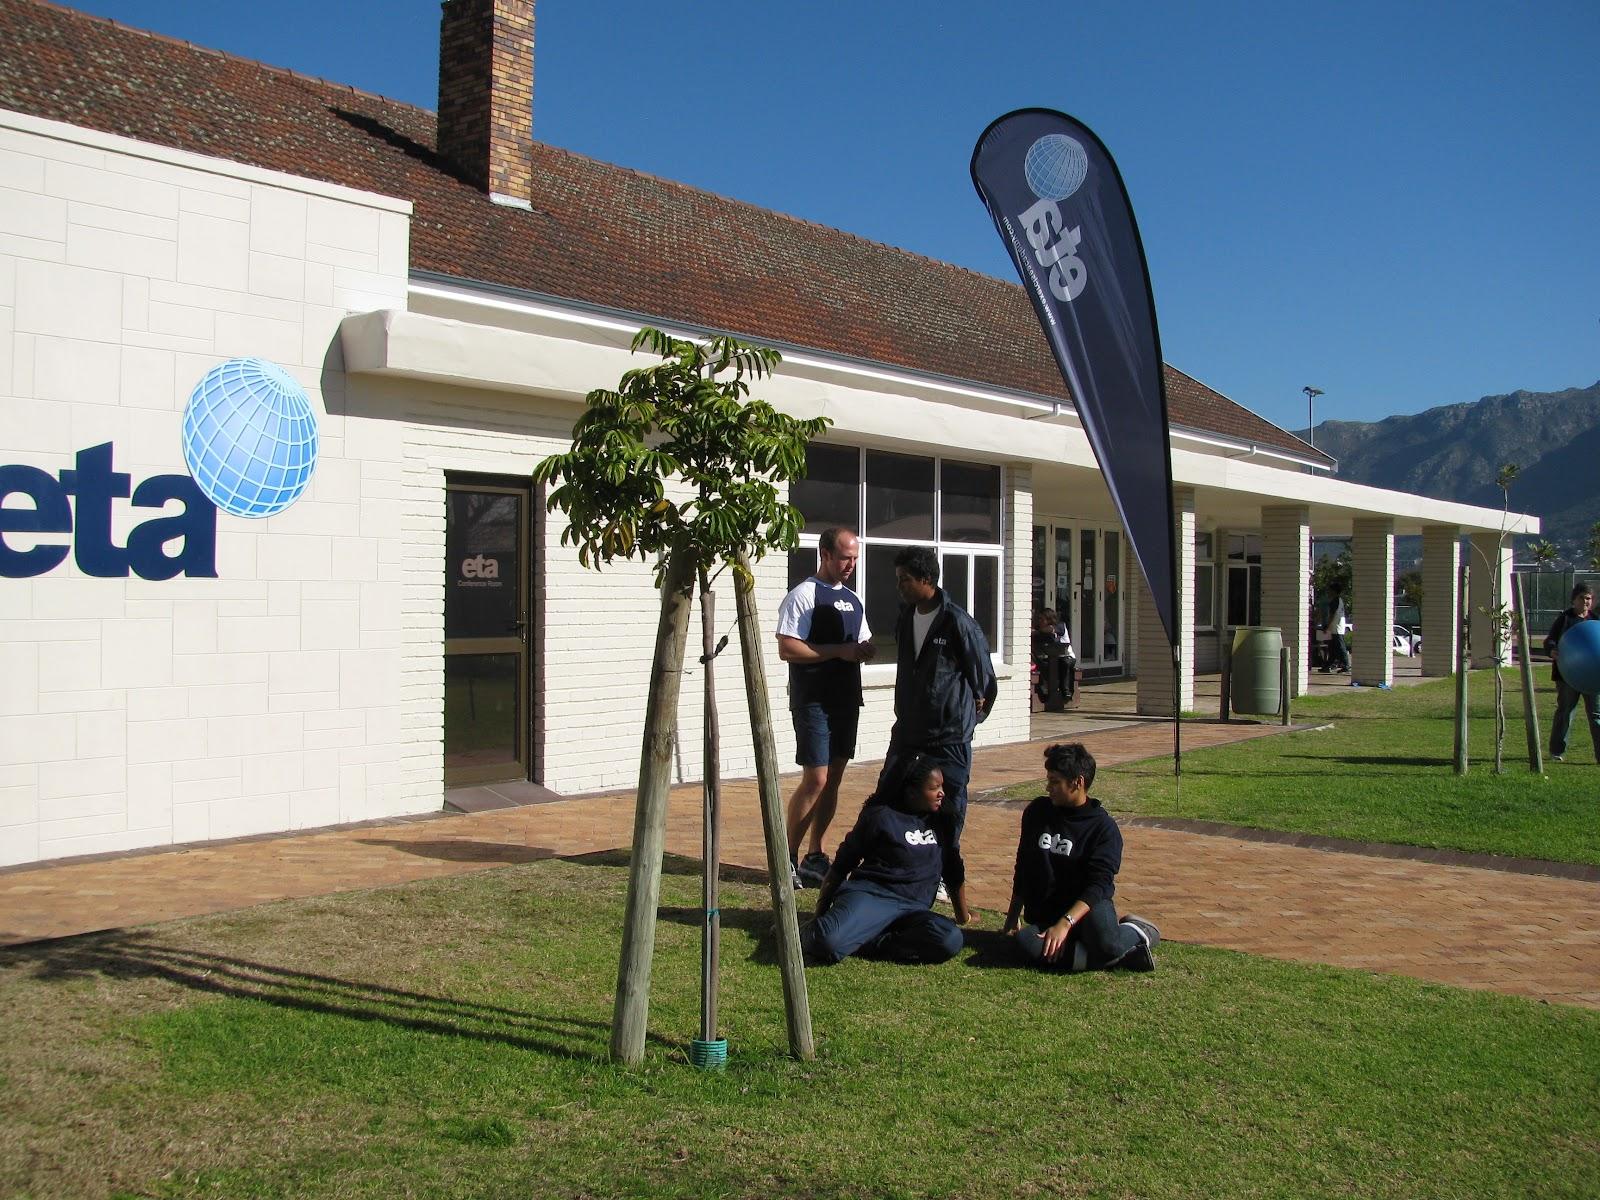 Eta_College_Cape_Town_Campus.jpg